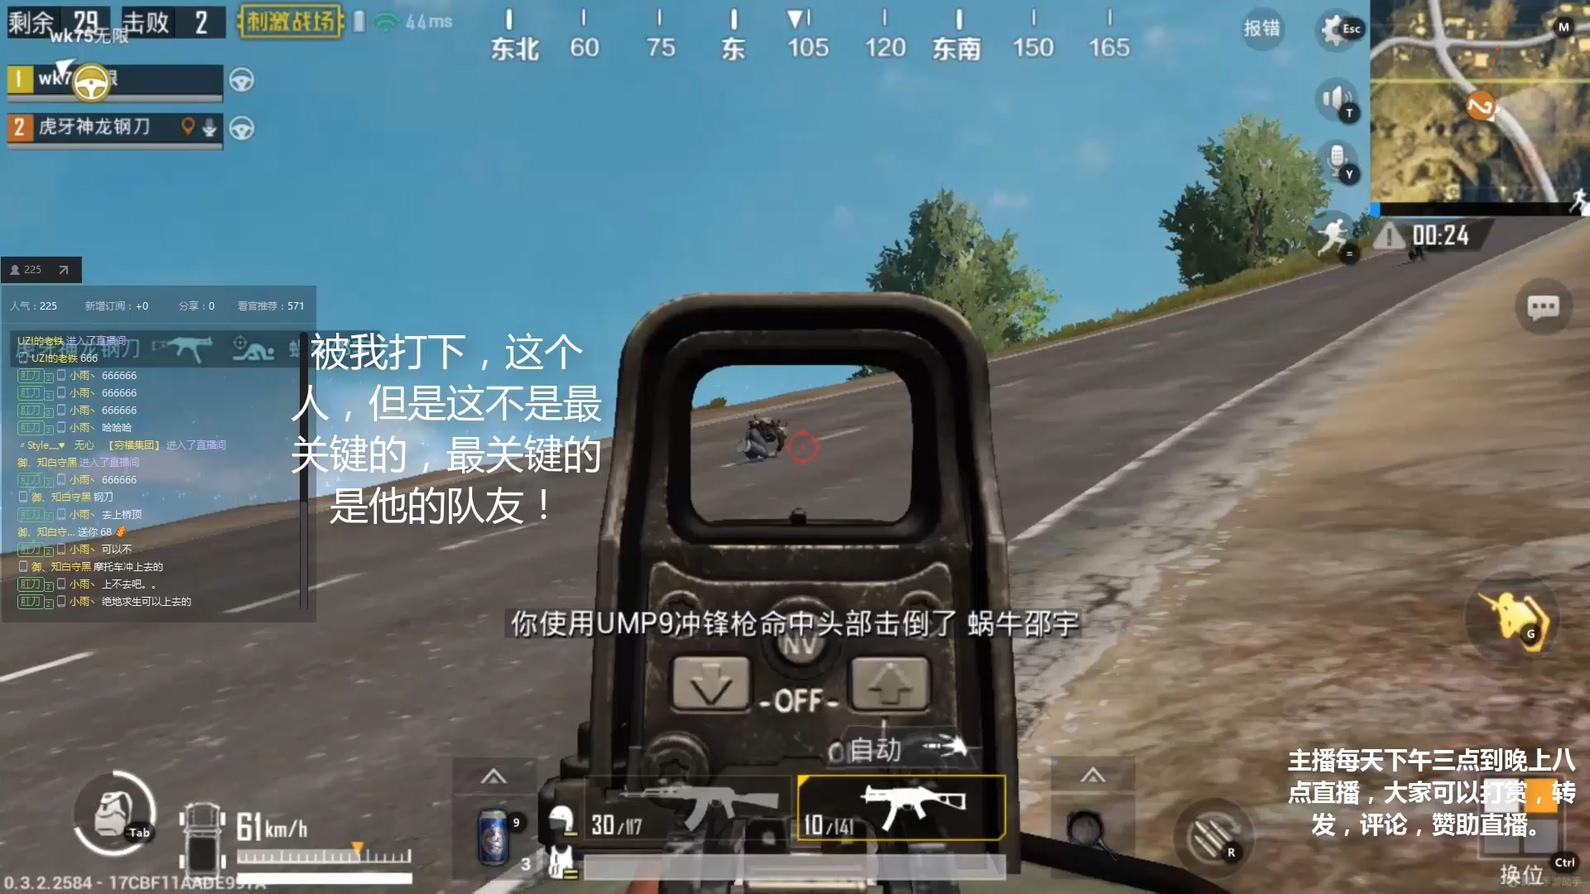 绝地求生刺激战场,中国好队友,队友倒了头也不回的开车离开